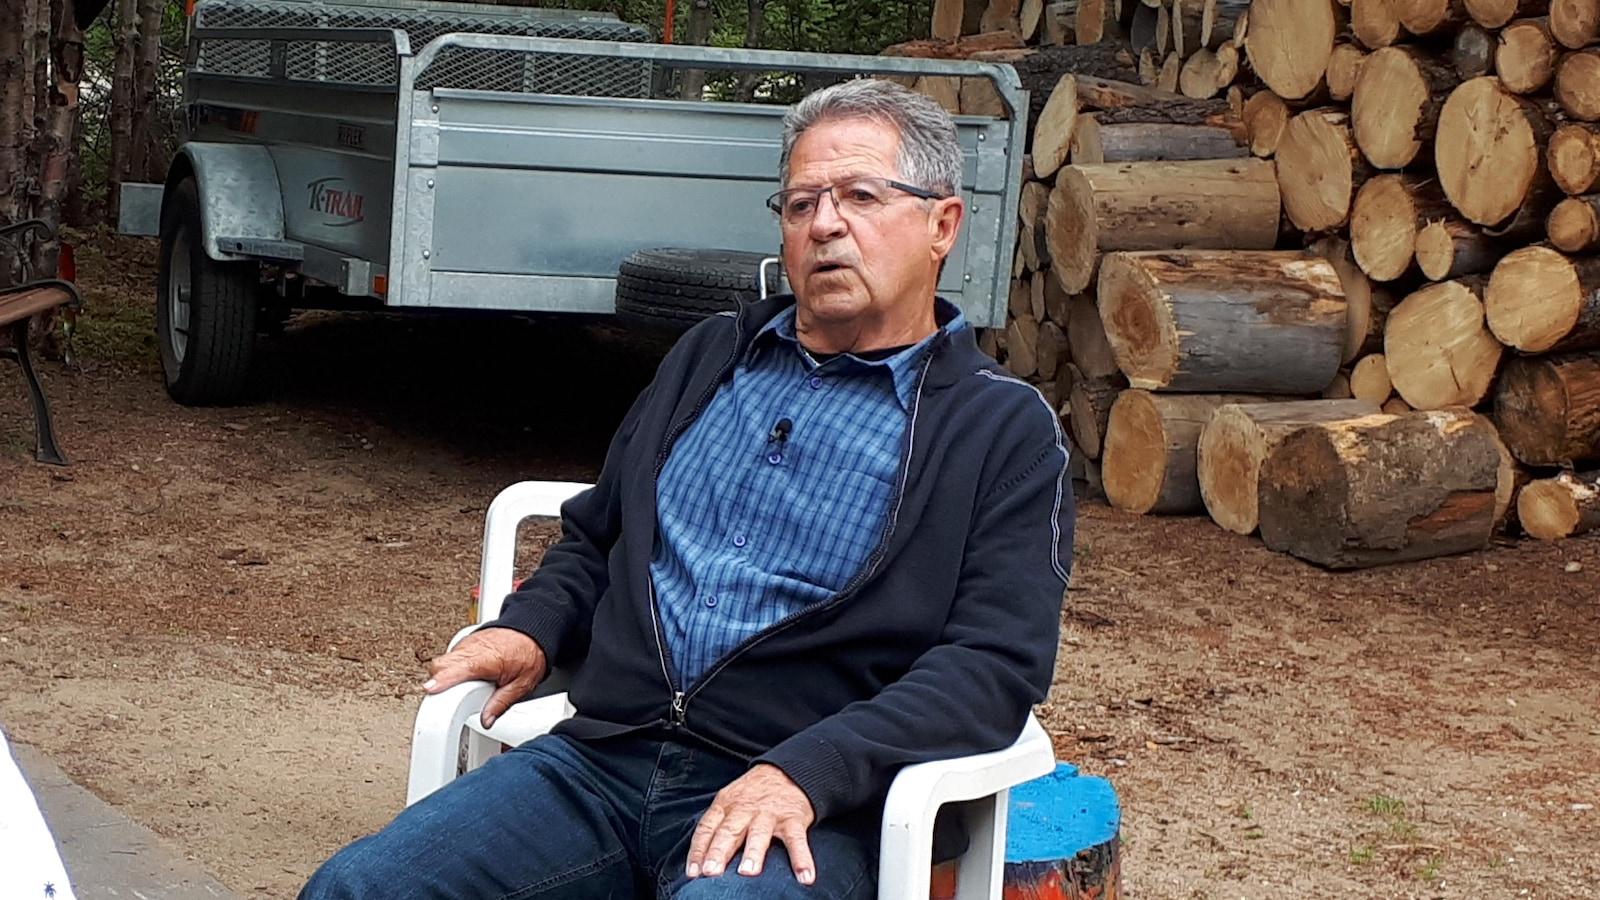 René-Claude Girard assis à l'extérieur dans son camping